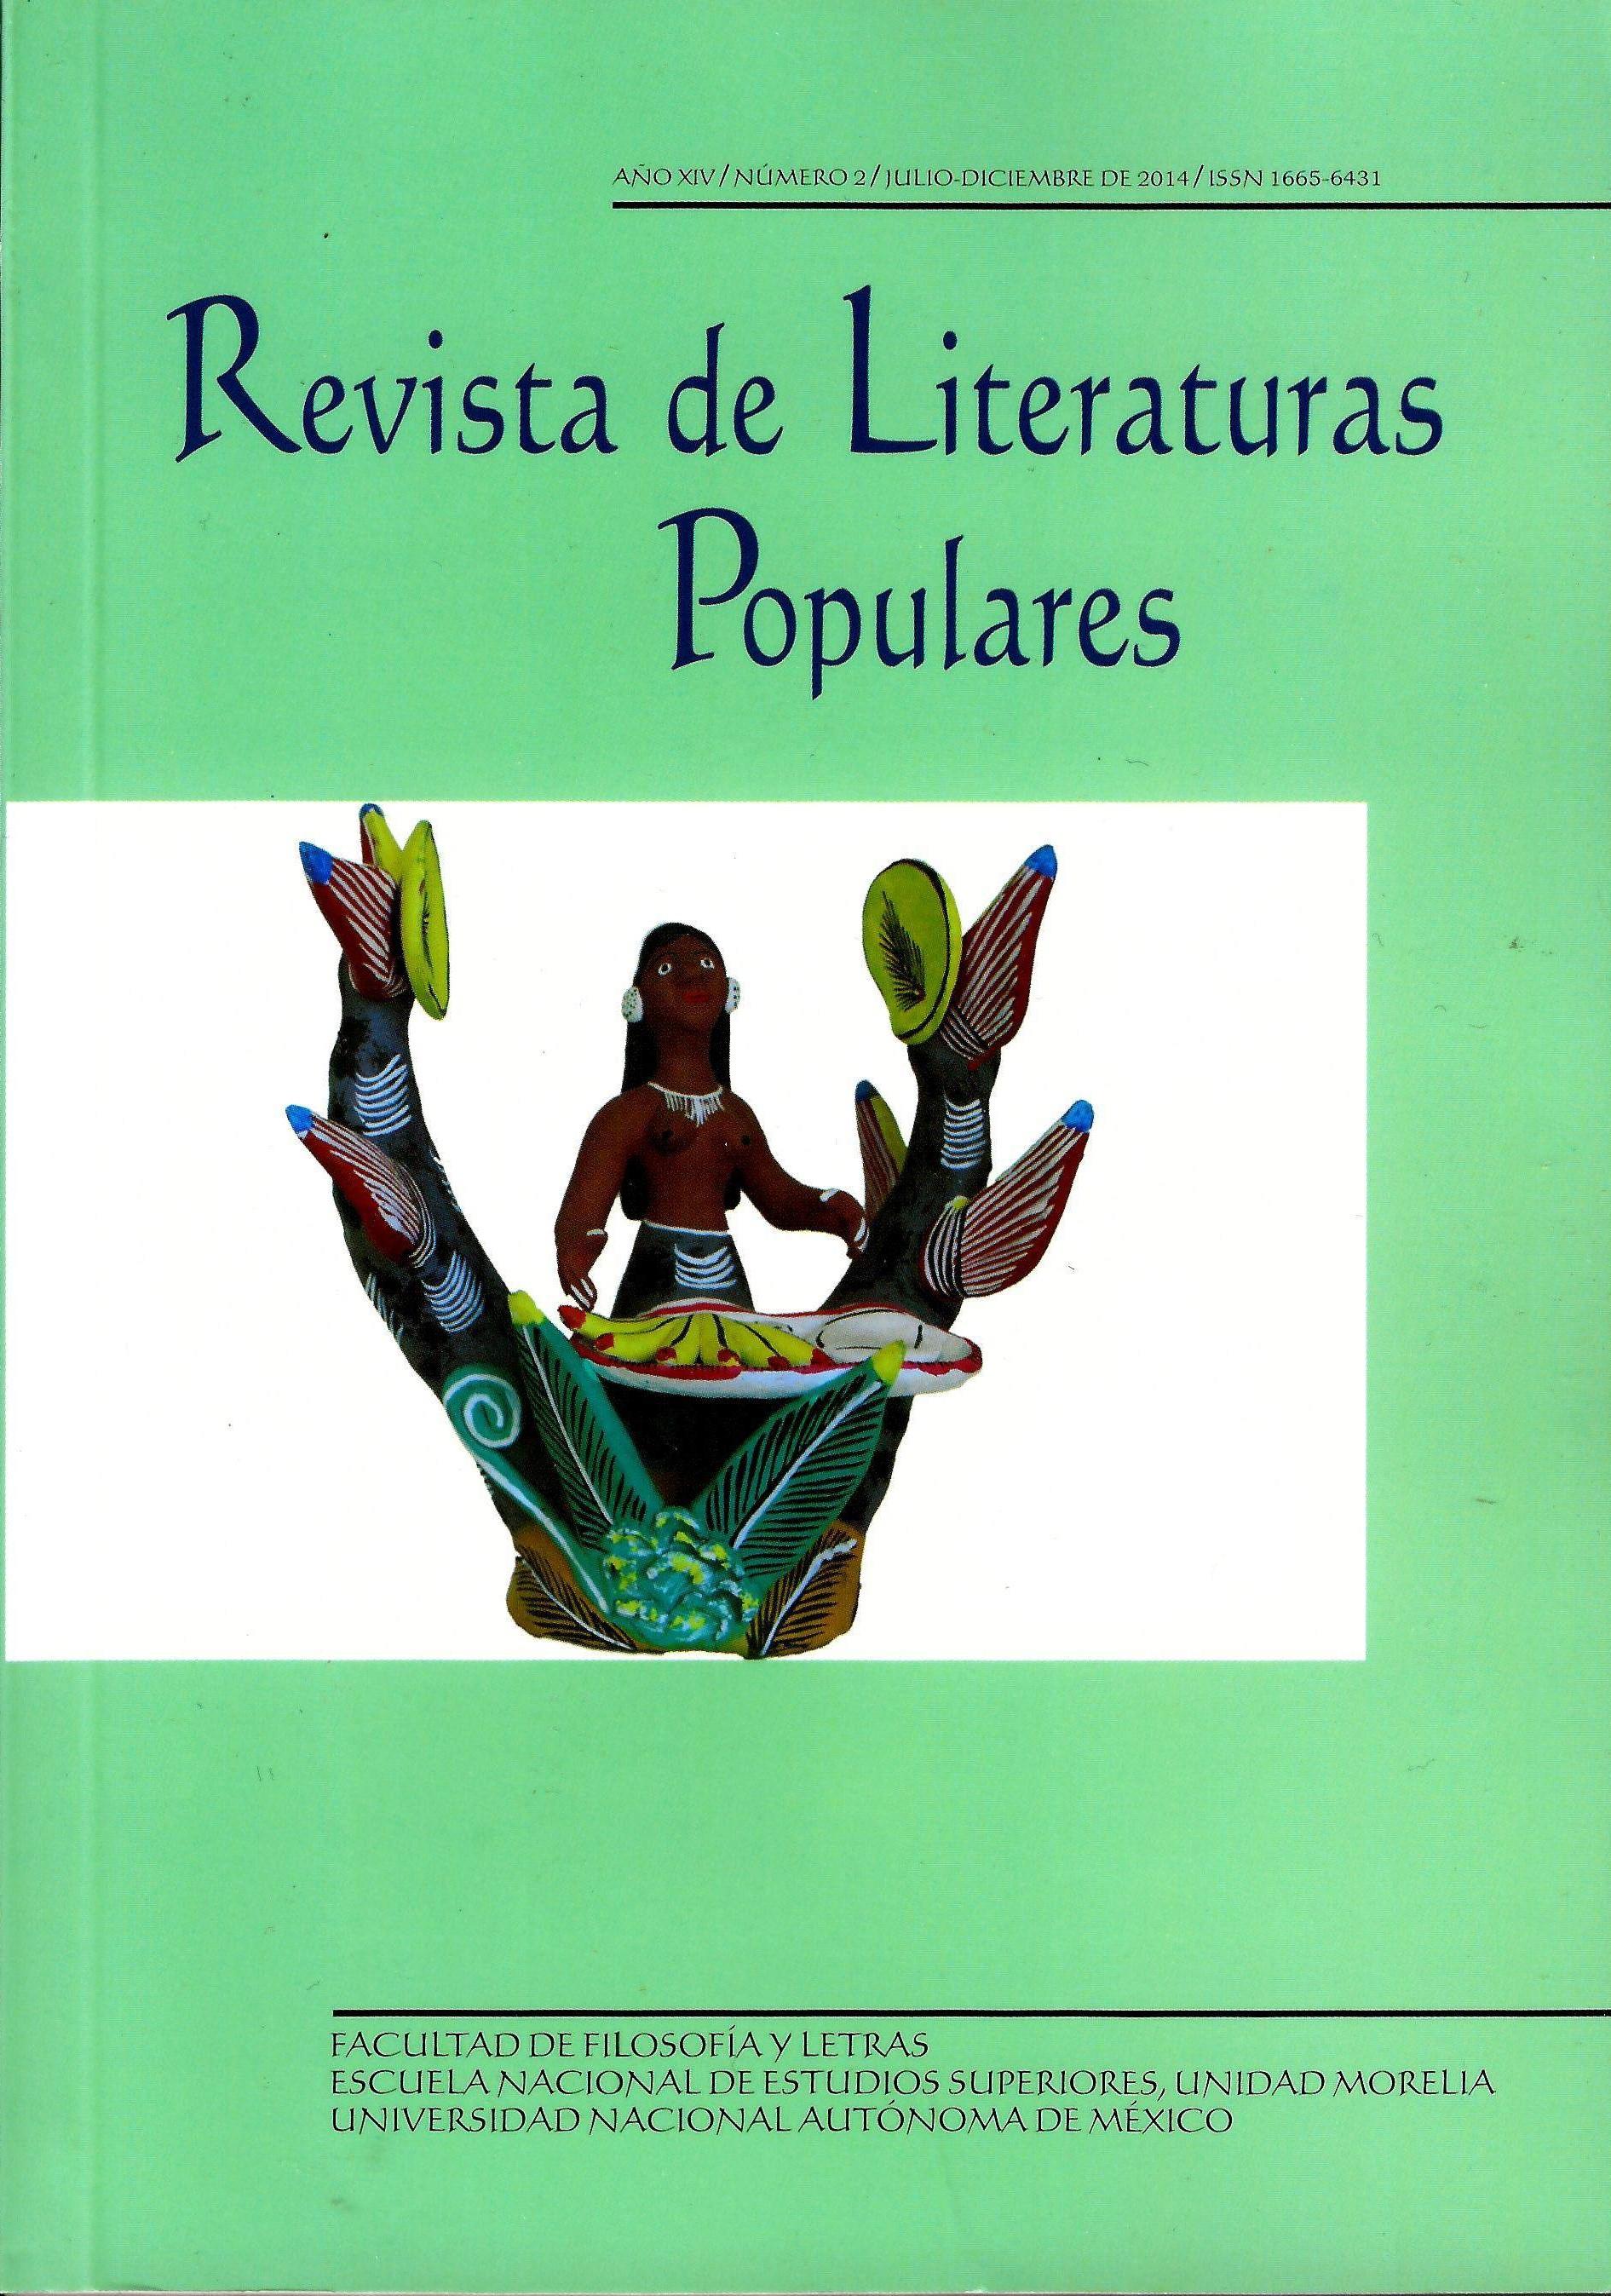 Revista de literaturas populares, año XIV número2 julio-diciembre de 2014